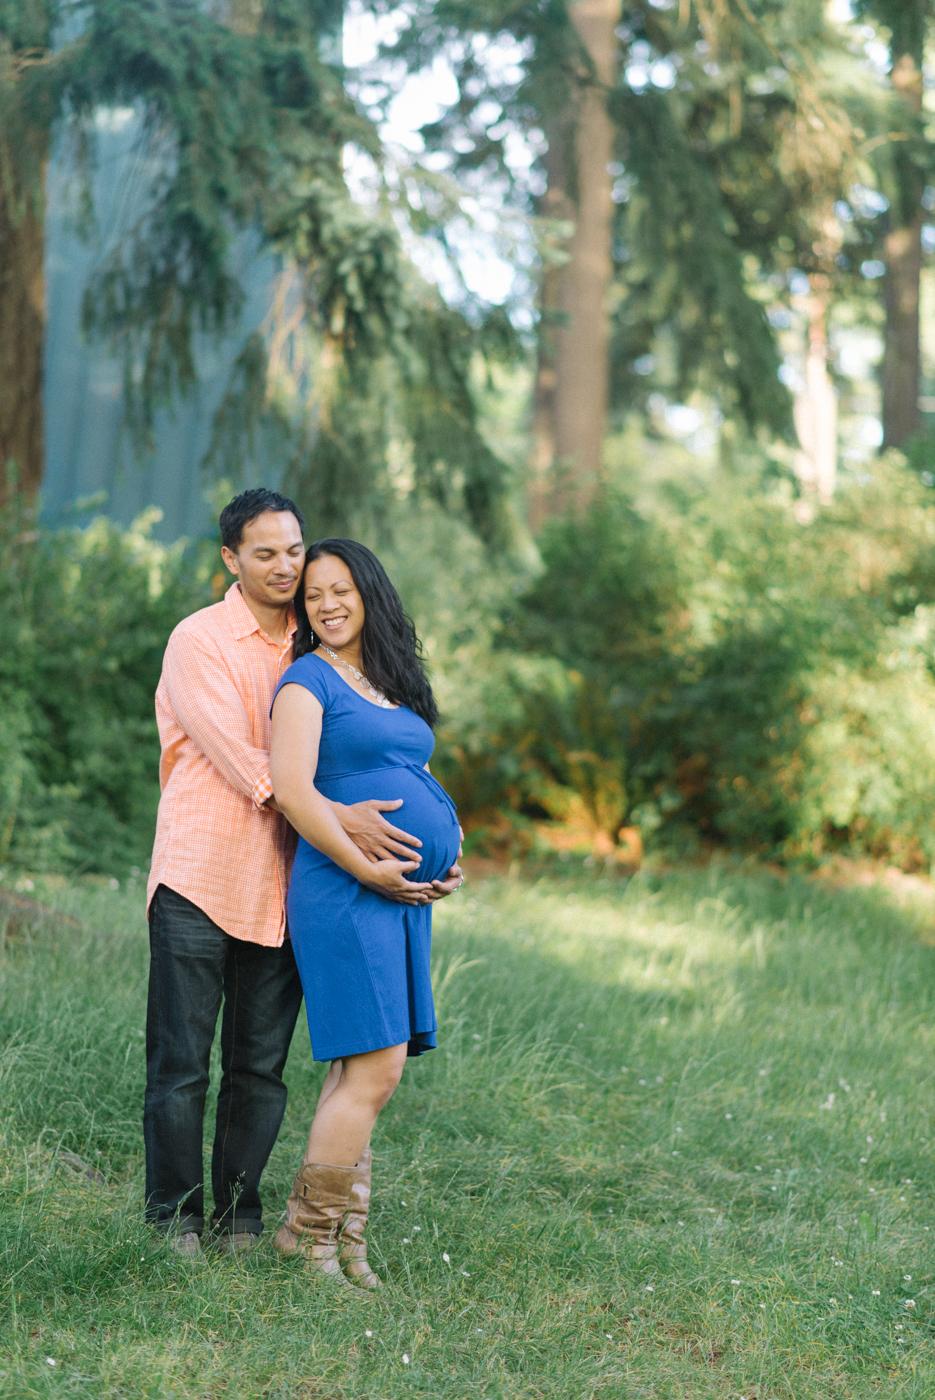 Portland-oregon-maternity-photography-couple-Hoyt-Arboretum-Washington-Park-professional-family-session-photos-natural-woodland-8